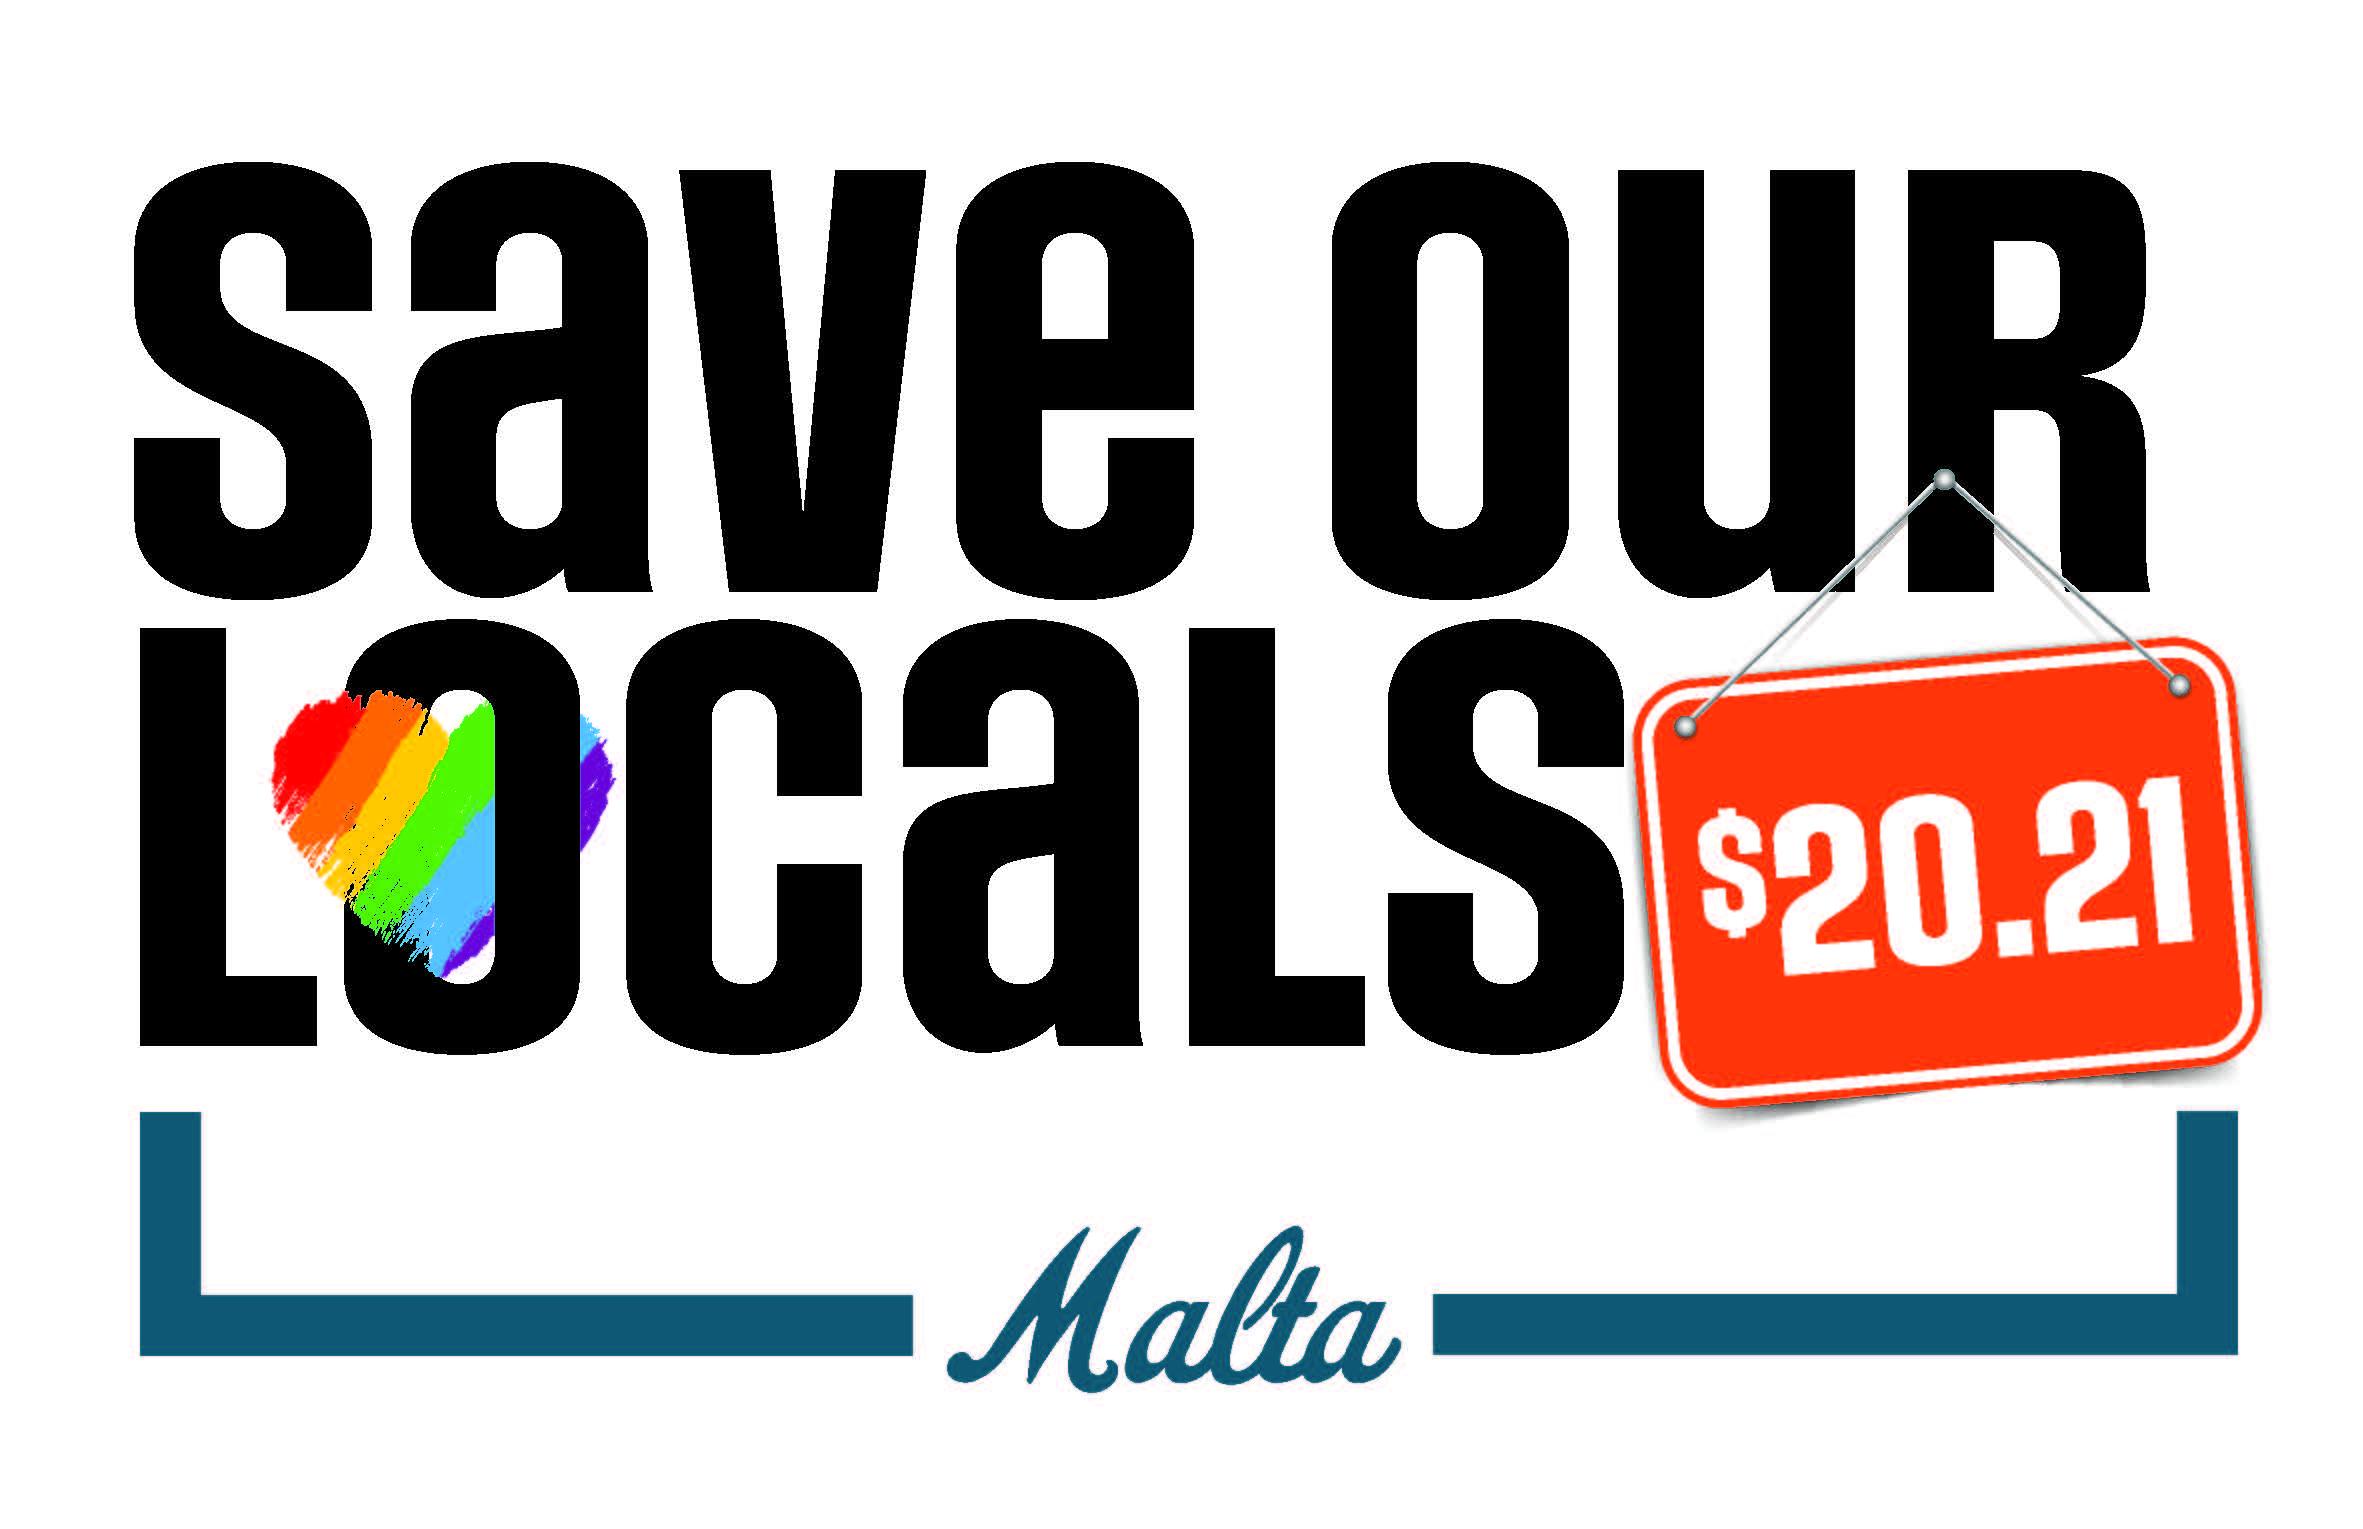 Save Our Locals 2021 Malta